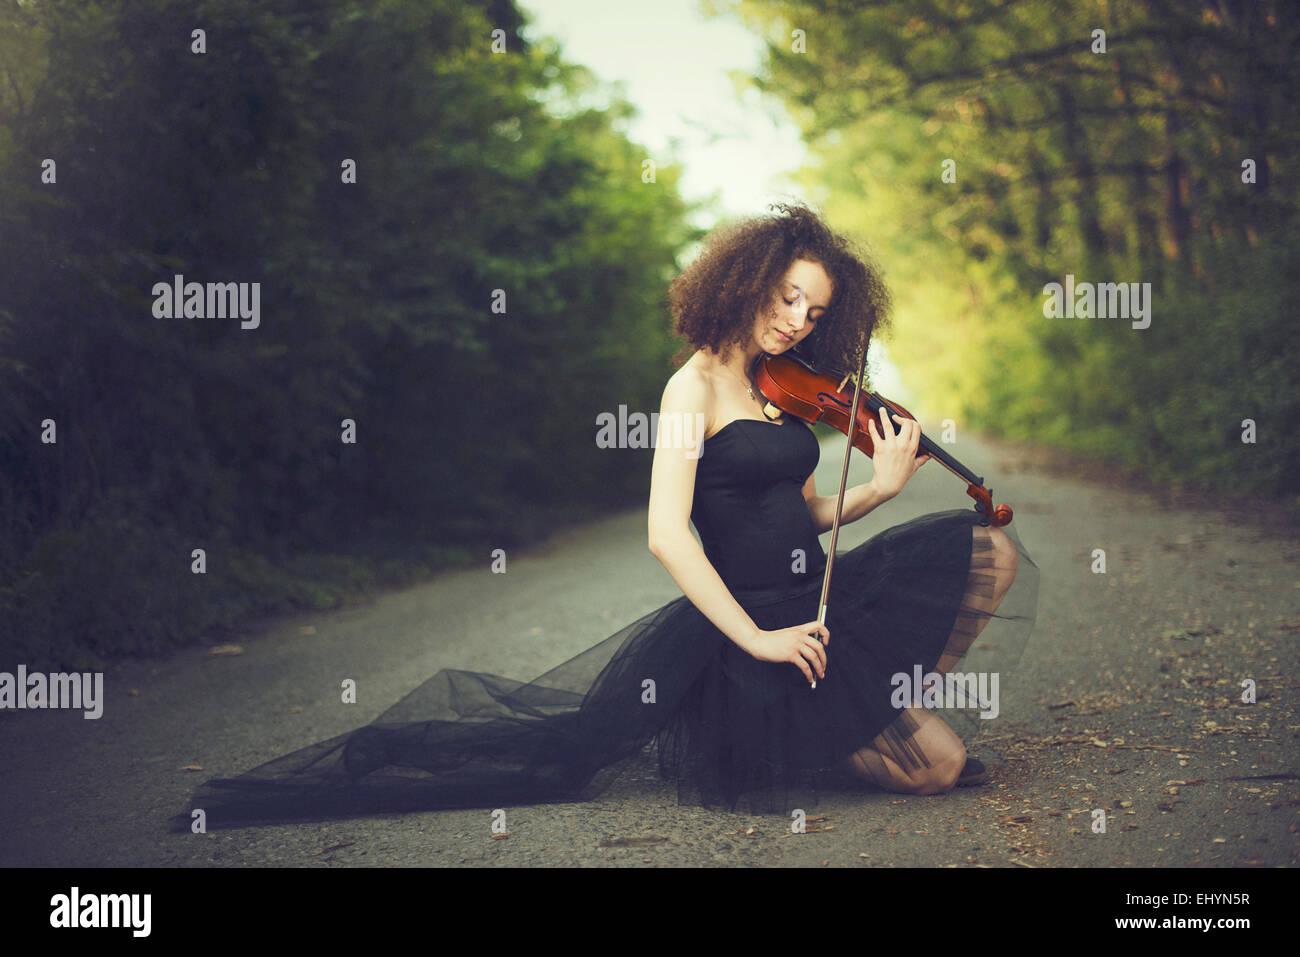 Sad young woman playing the violin - Stock Image